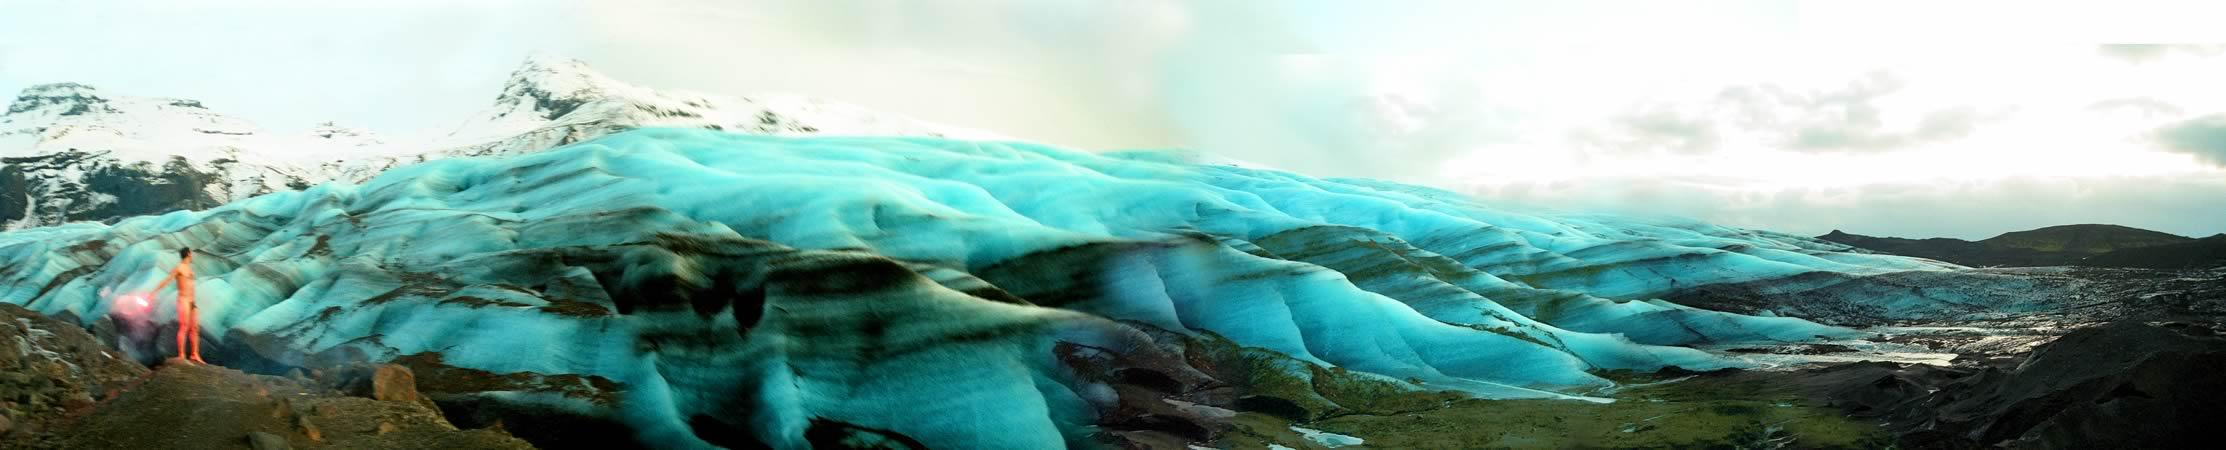 glaciers-edge-stitch